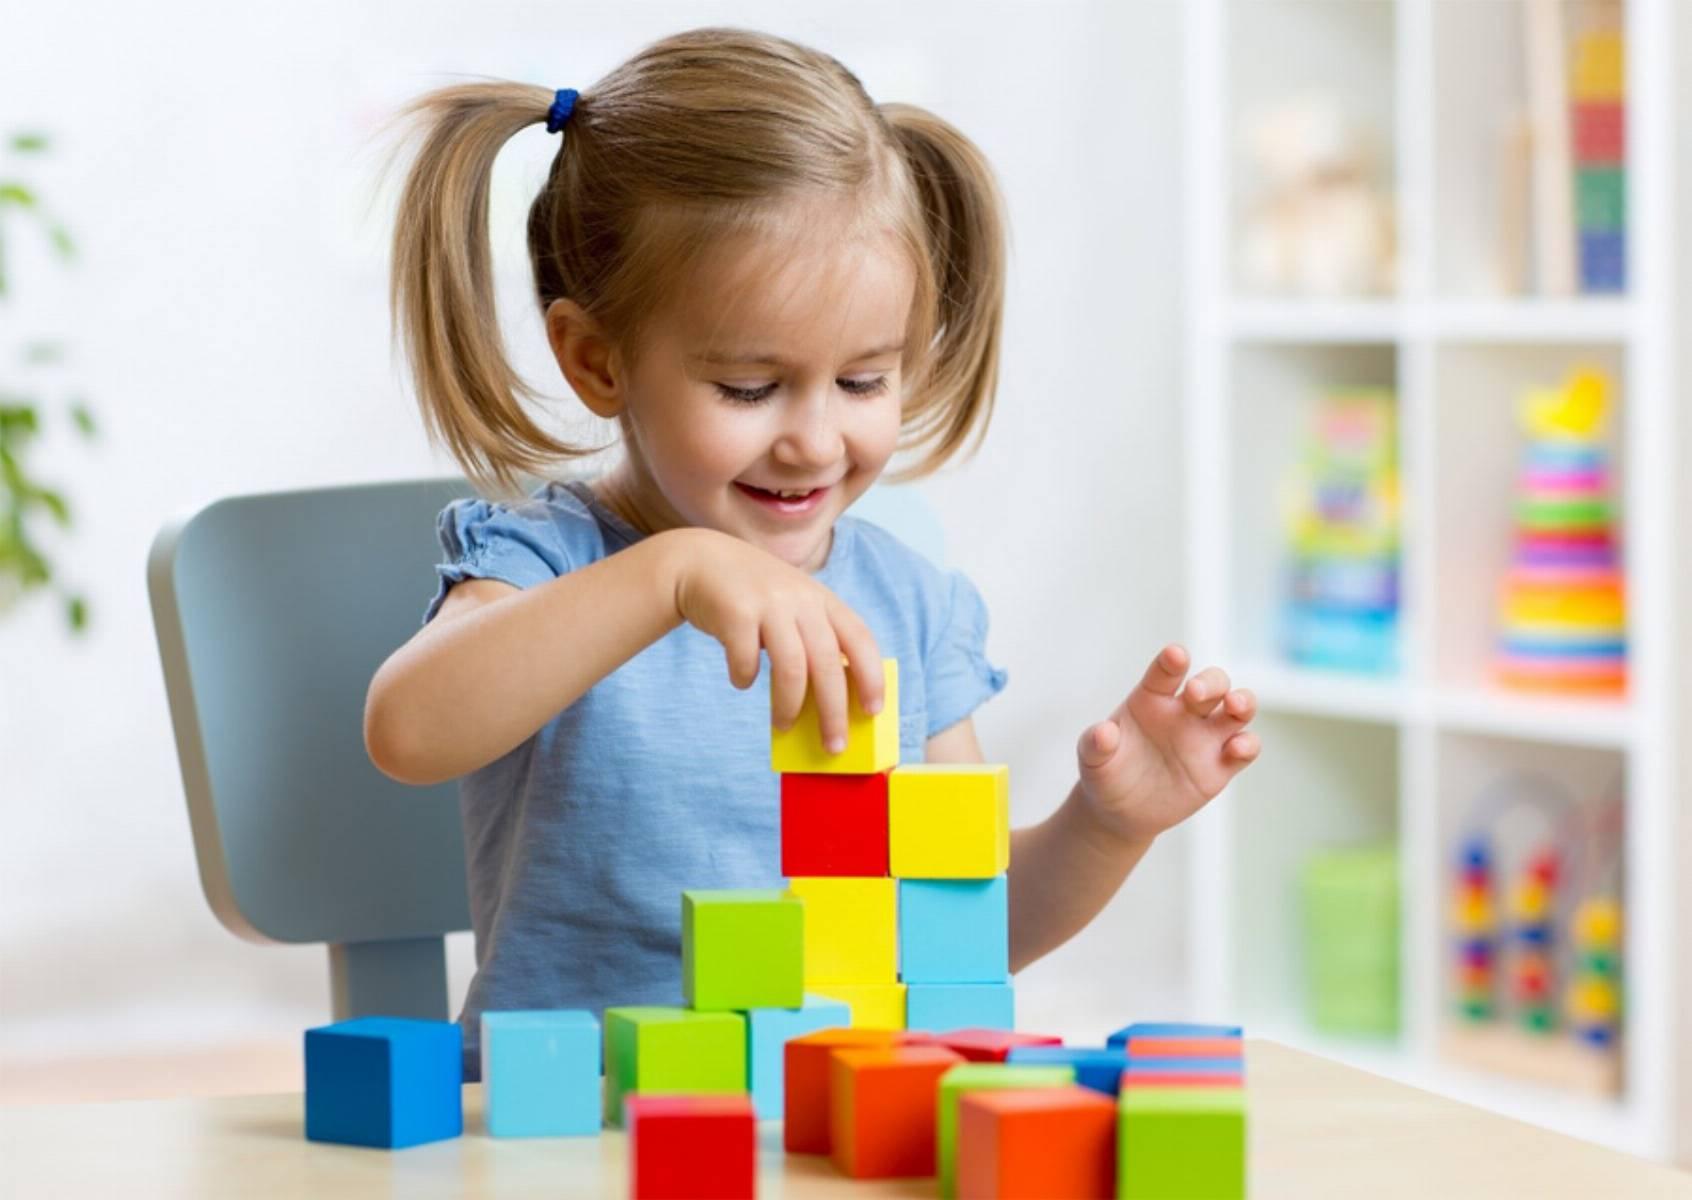 wspolna-zabawa-dzieci-i-rodzicow-czyli-klocki-zabawka-ktora-laczy-pokolenia_1